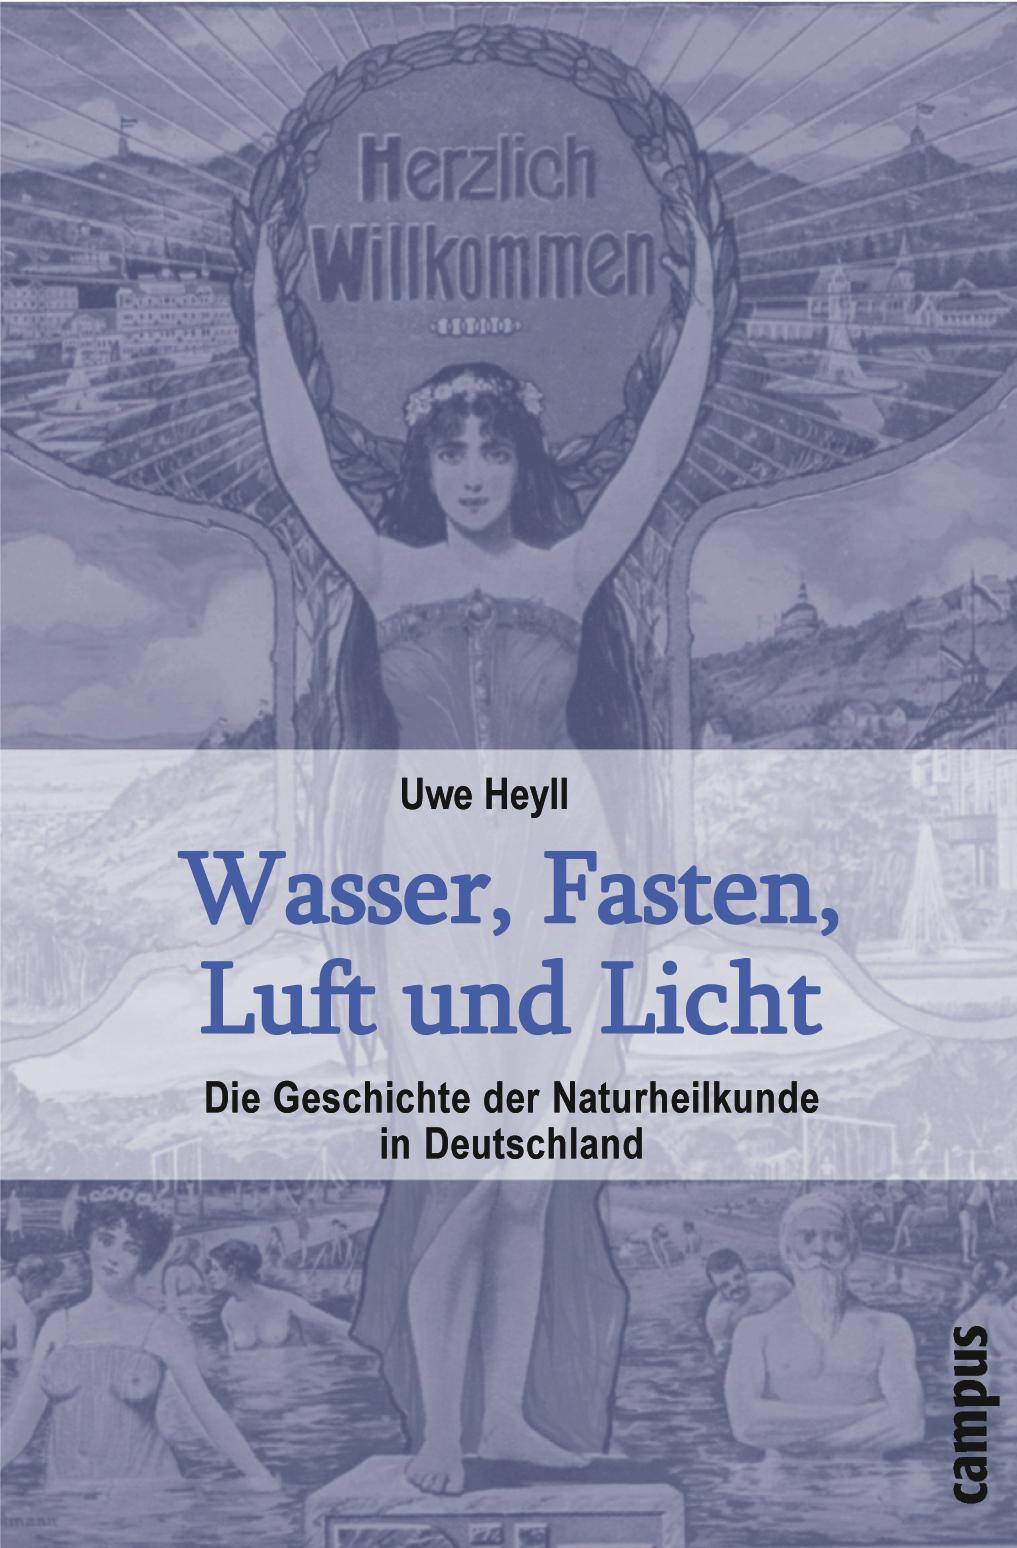 Wasser, Fasten, Luft und Licht Uwe Heyll